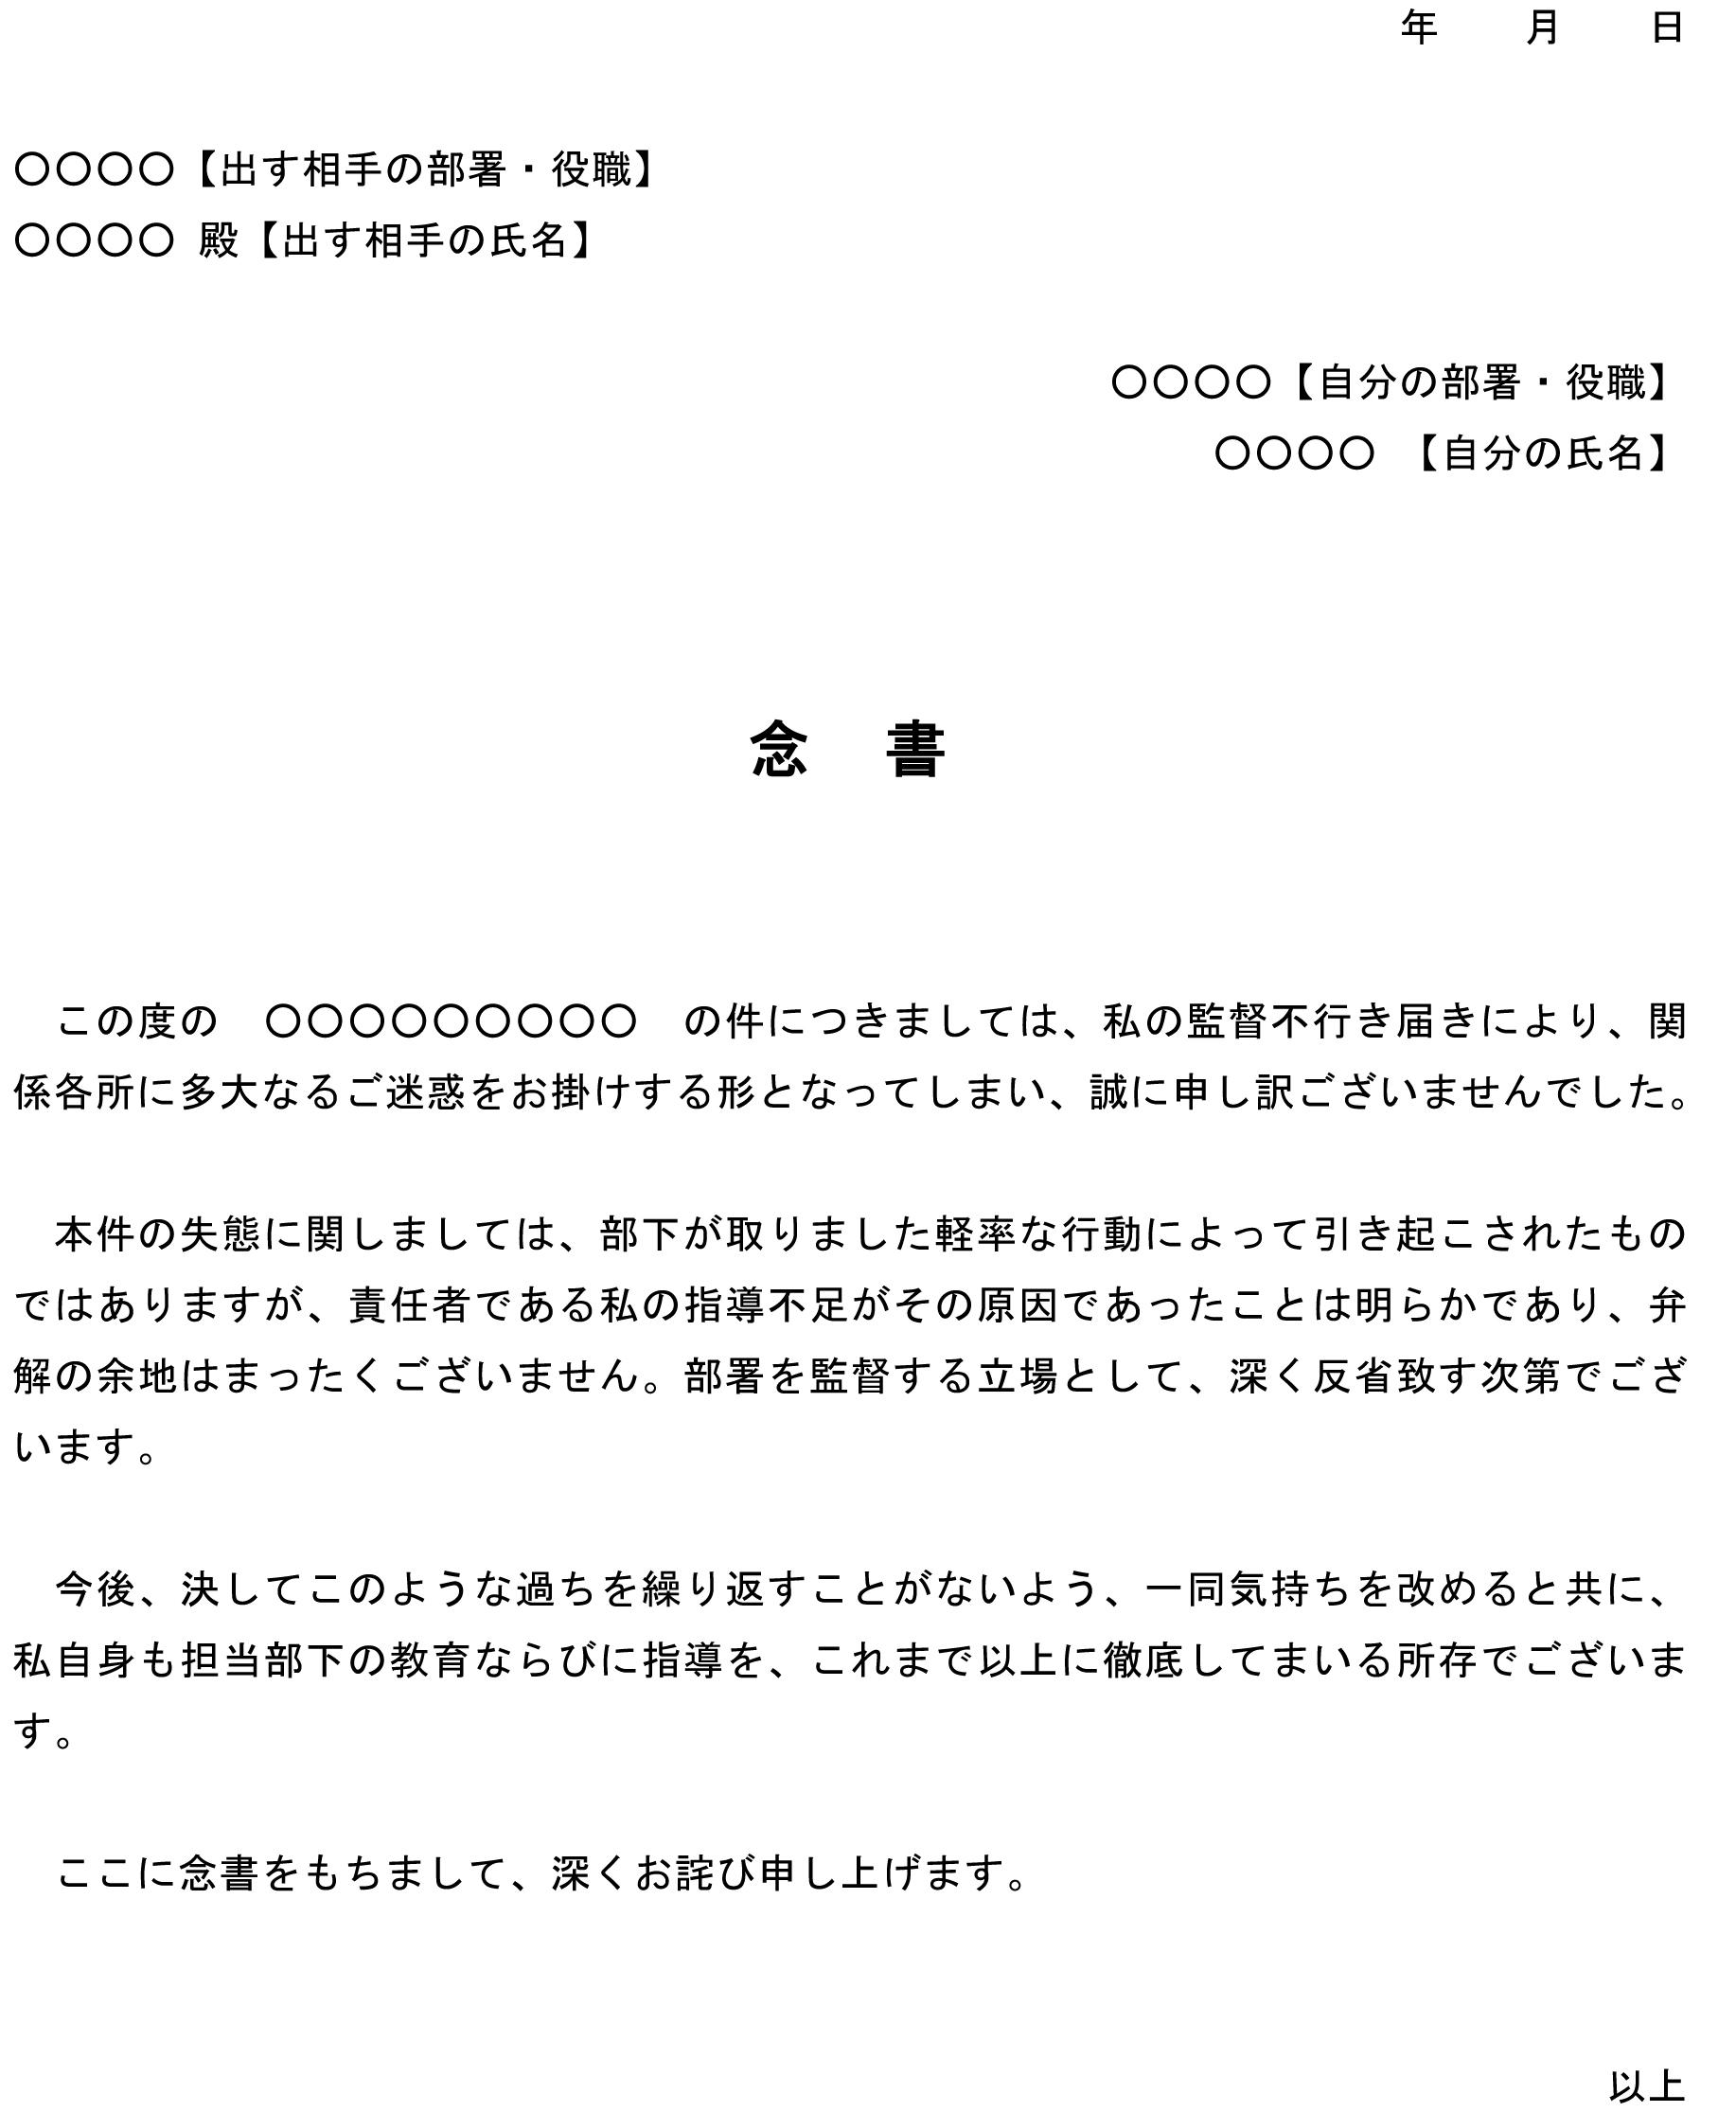 念書(部下の社内不祥事)